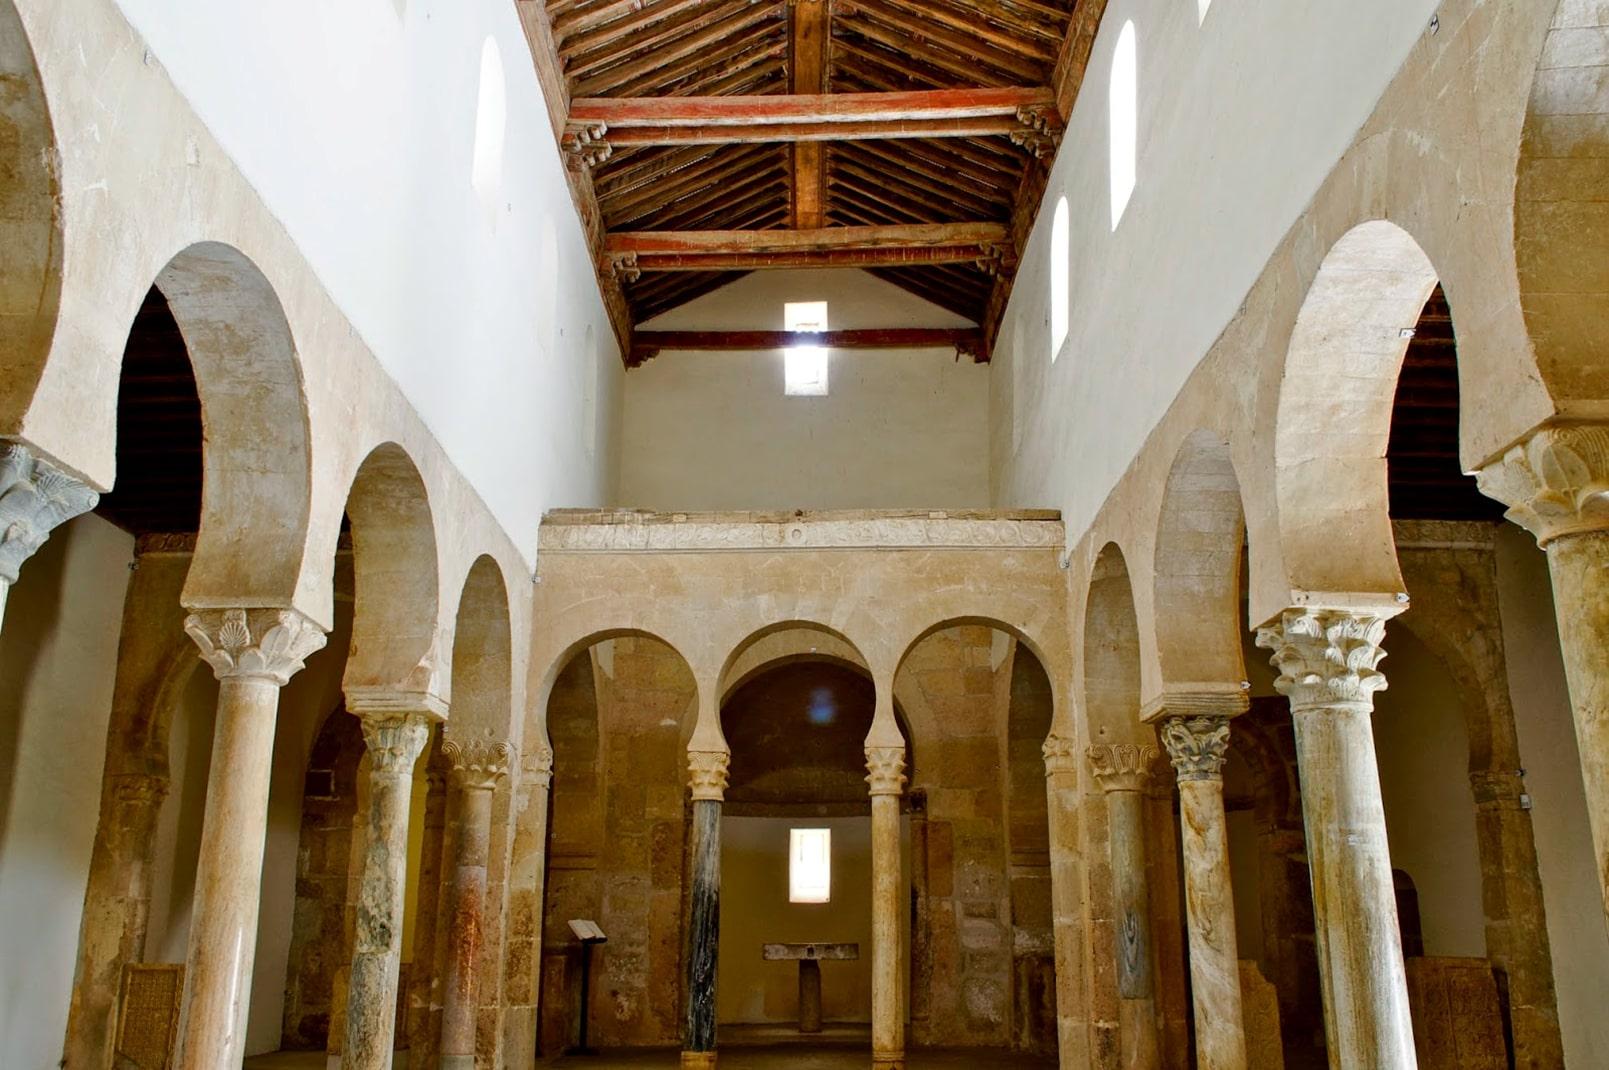 San Miguel de Escalada (interior) - Orígenes de Europa